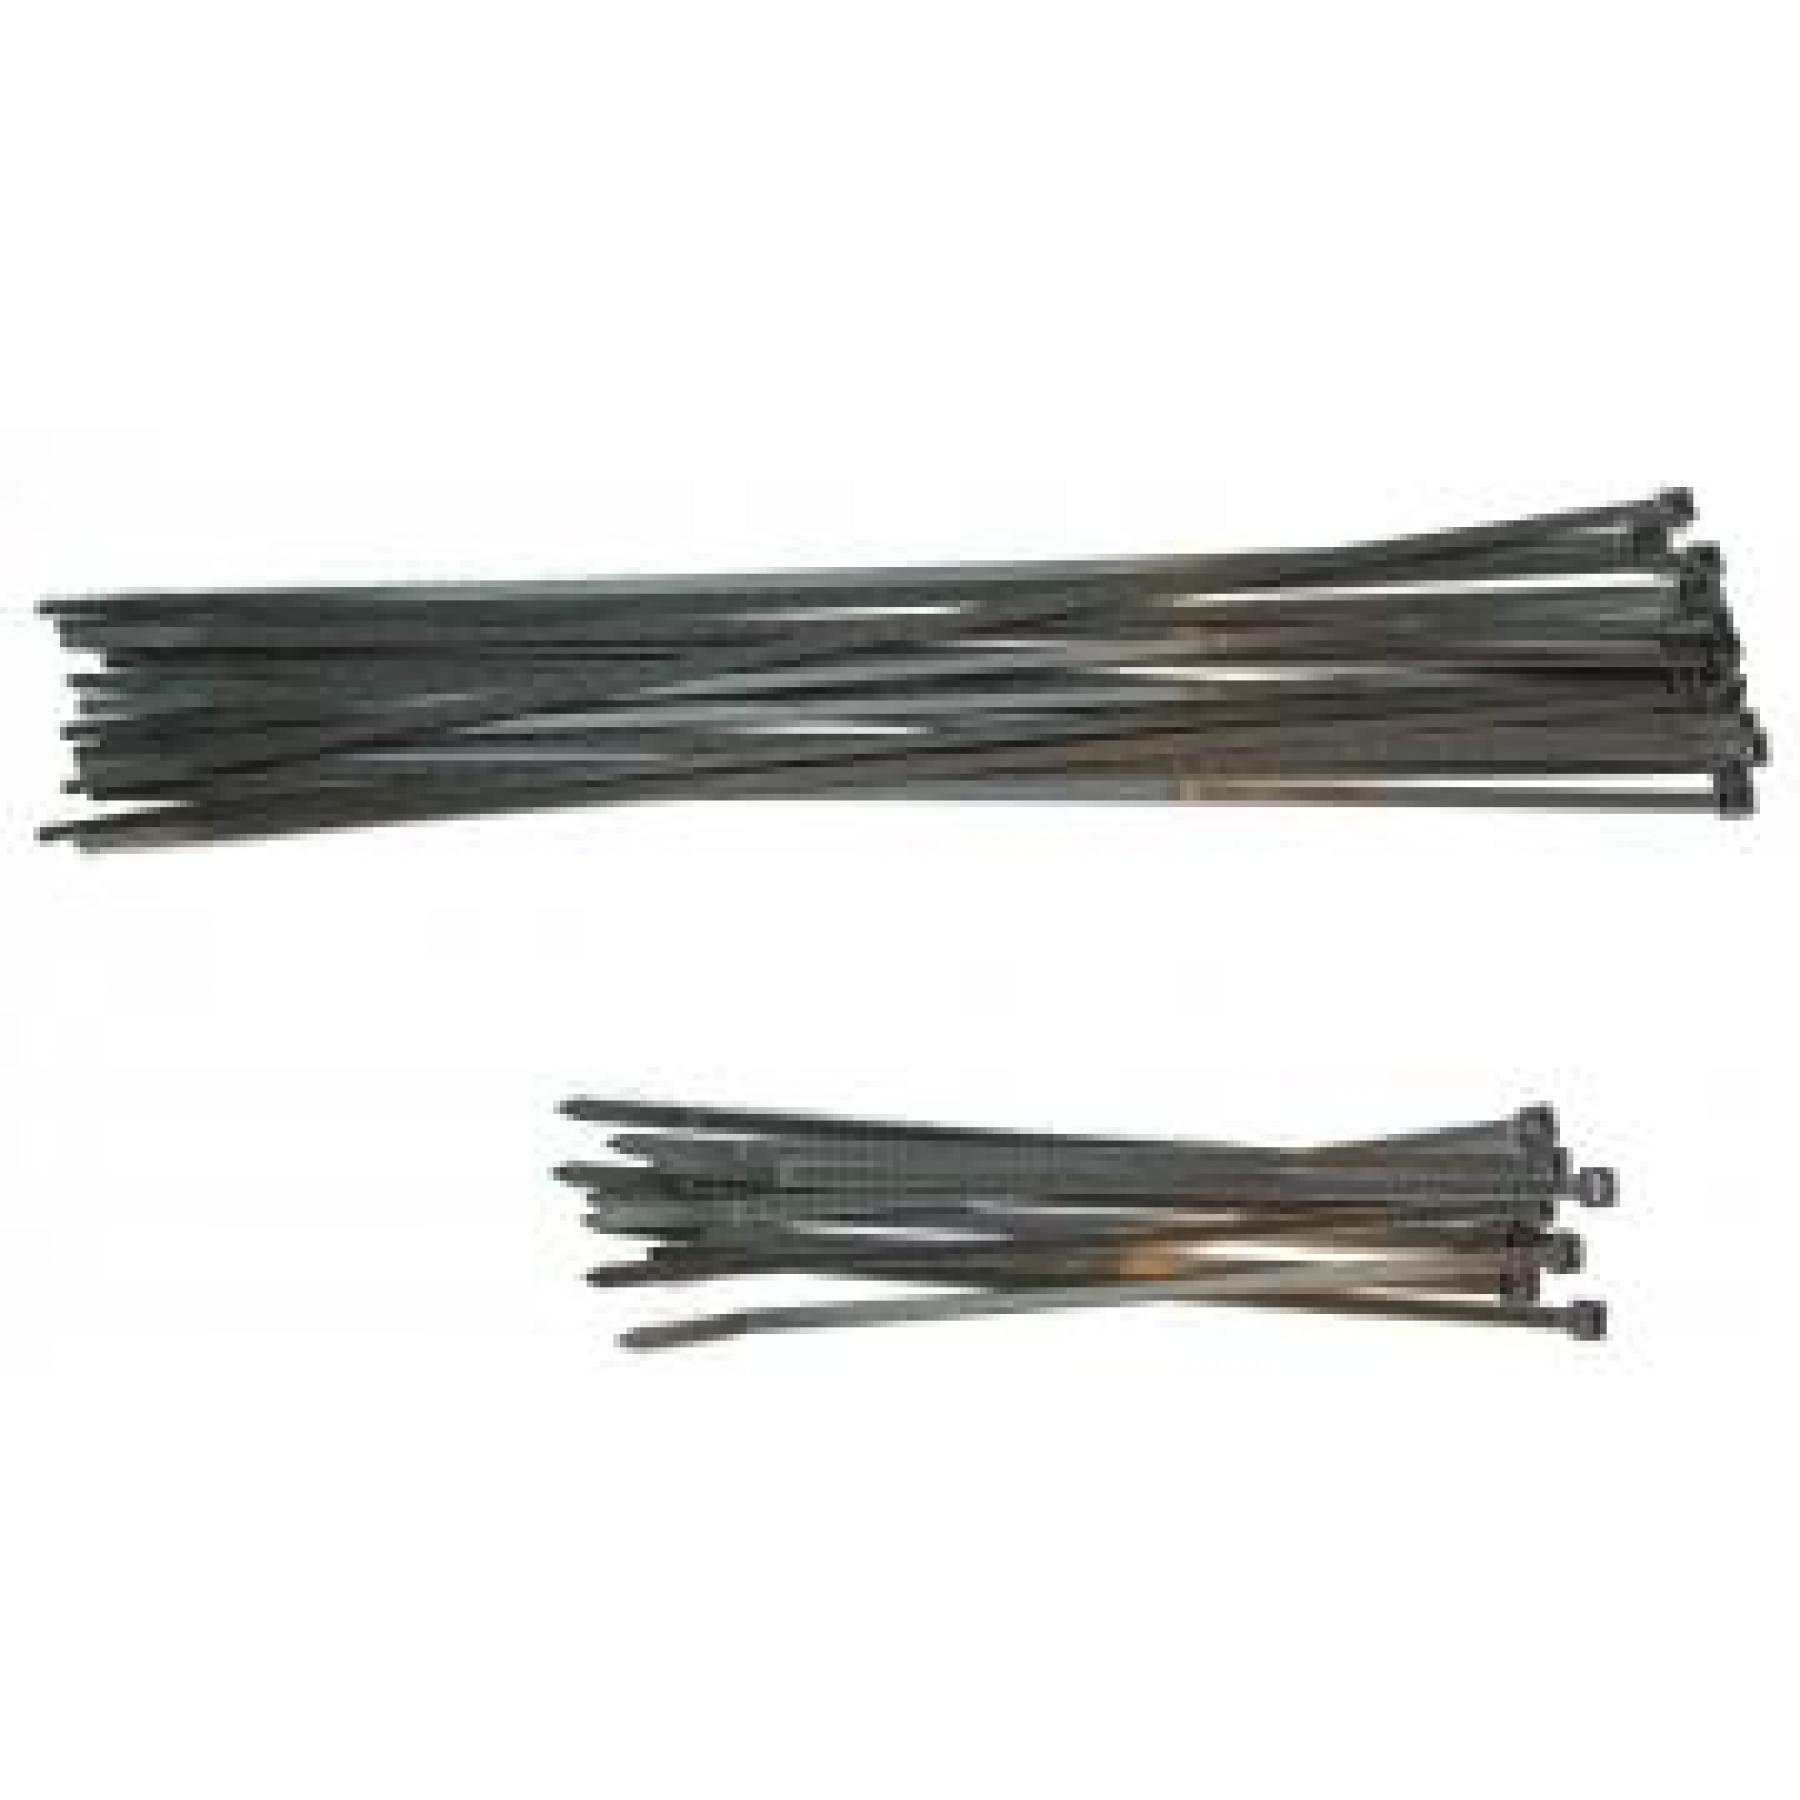 Kabelstrip 365x7,8 zwart 100st